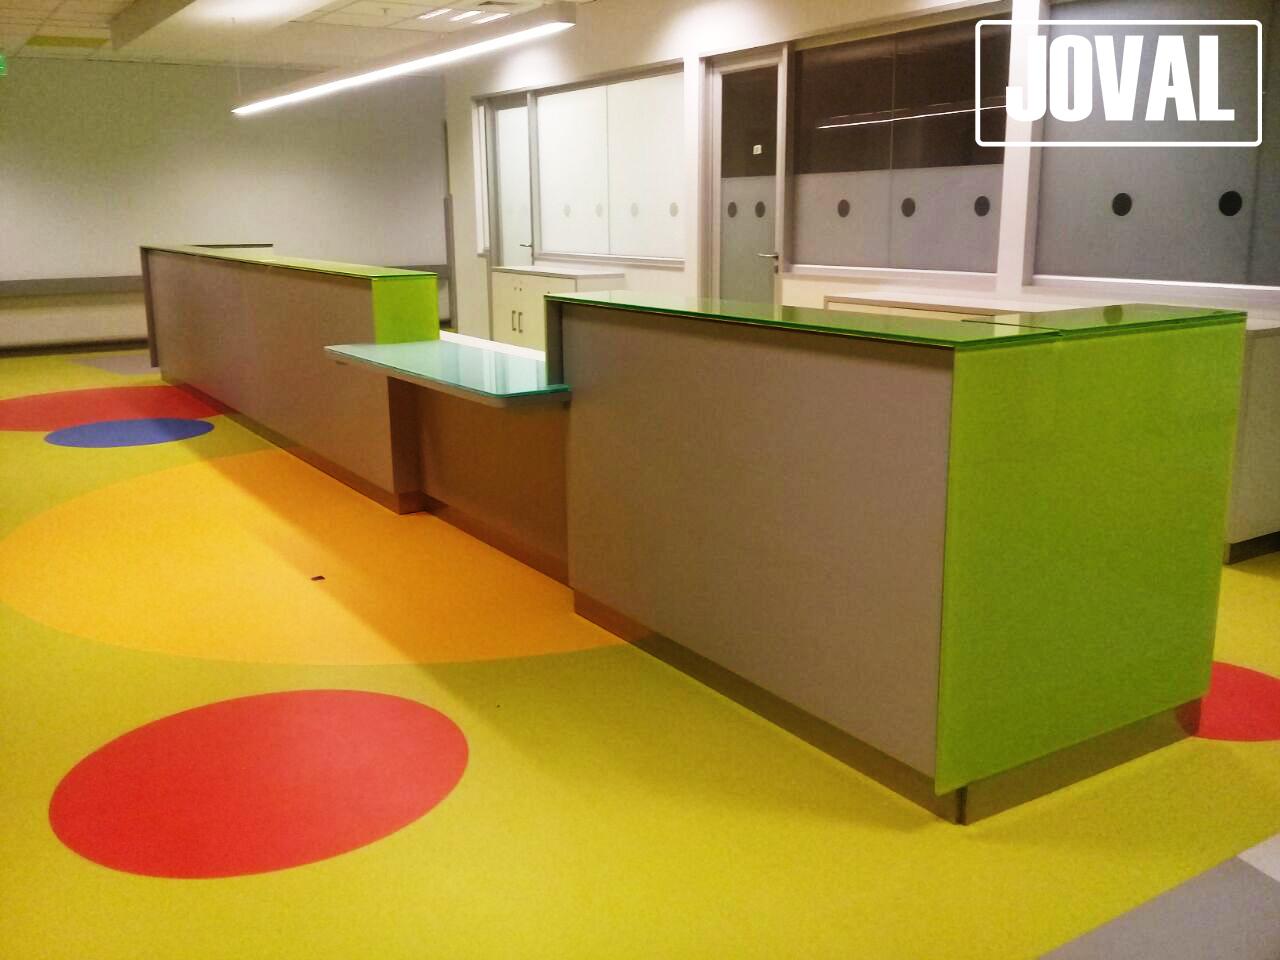 Muebles de Recepción – Joval – Proyectos mobiliarios a medida - photo#34